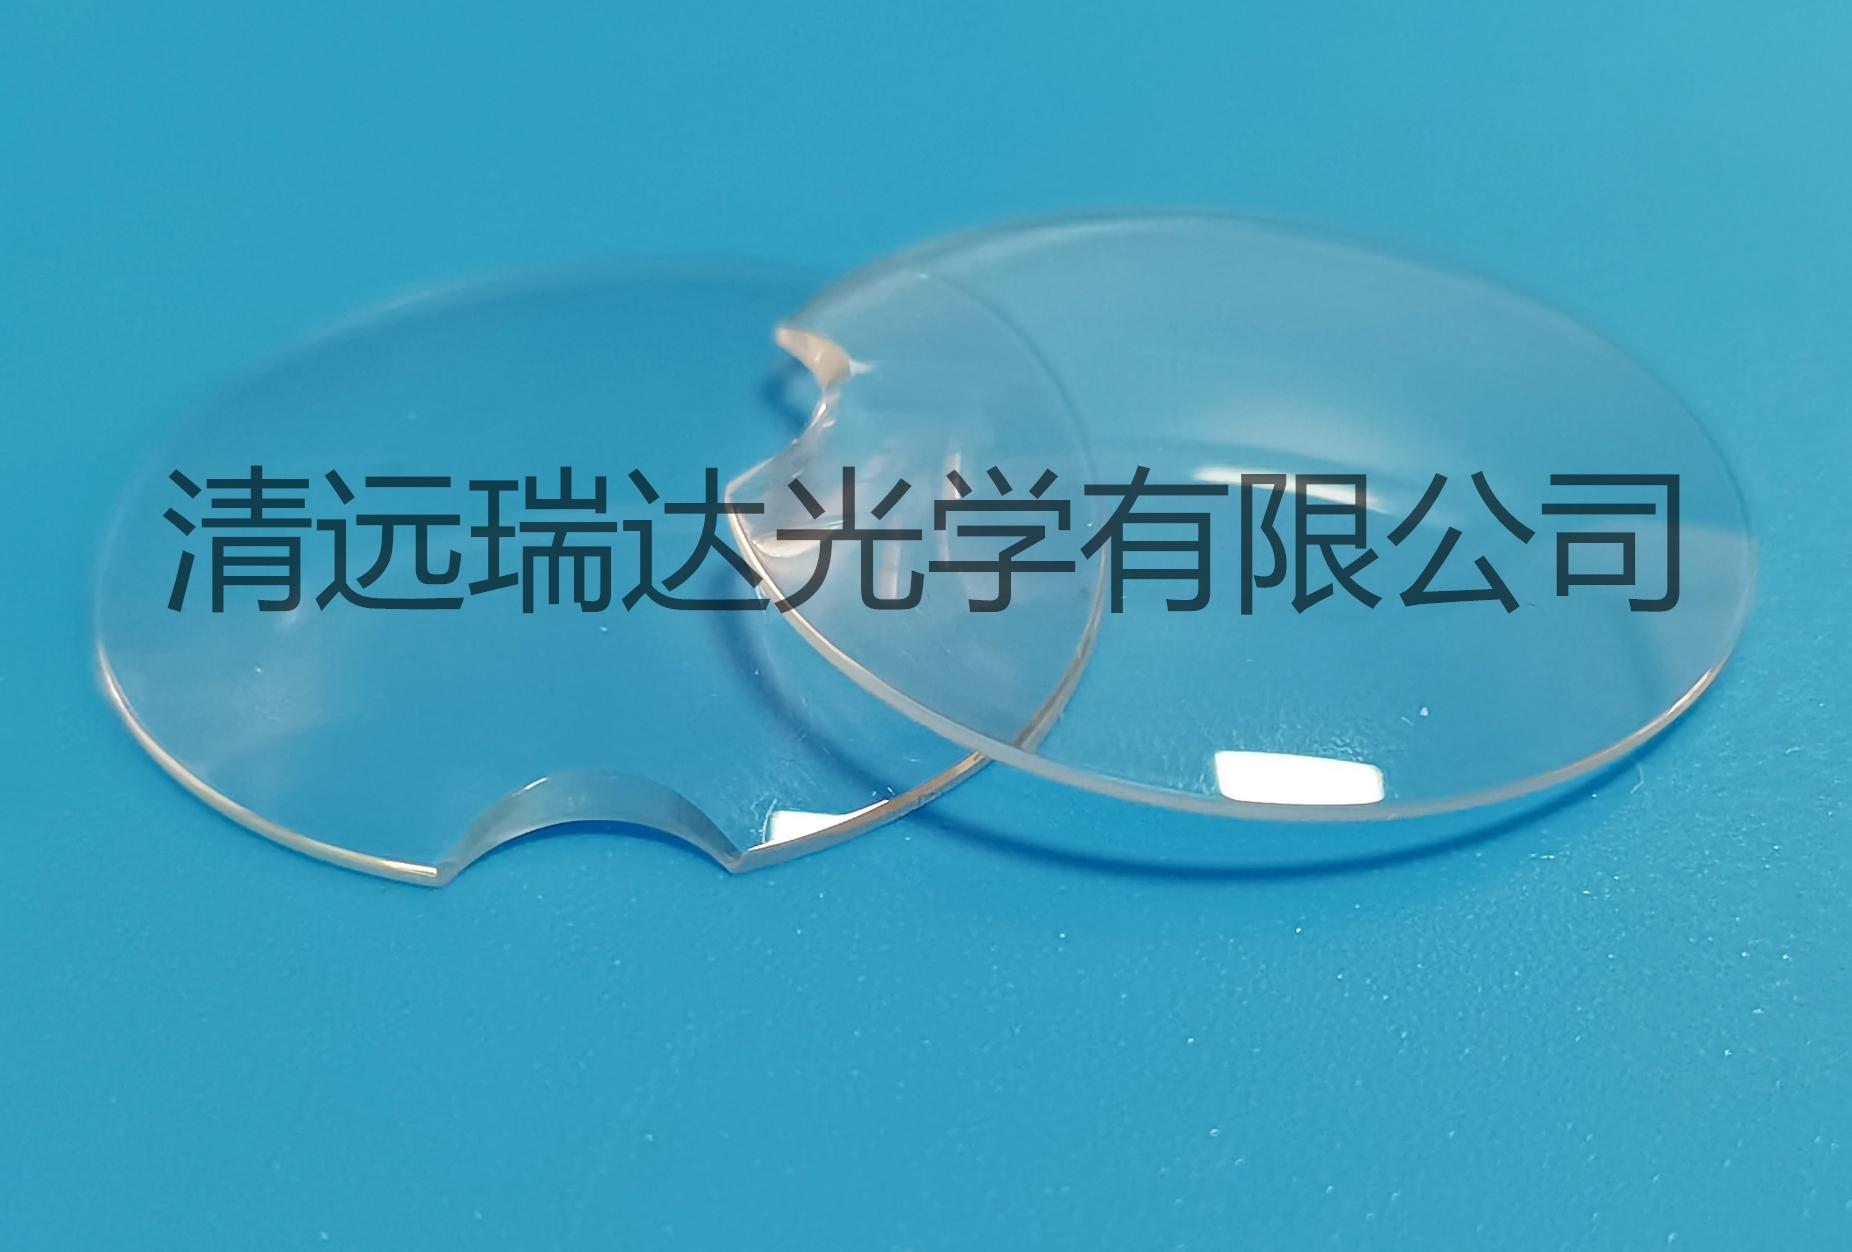 定位玻璃手表镜面 2